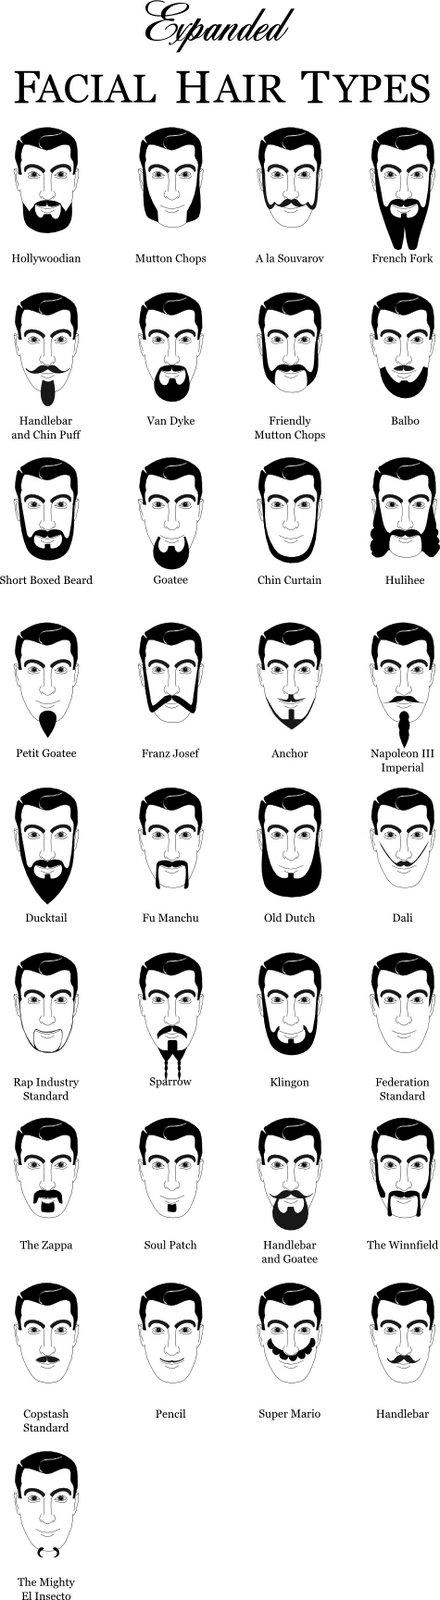 [beard.jpg]